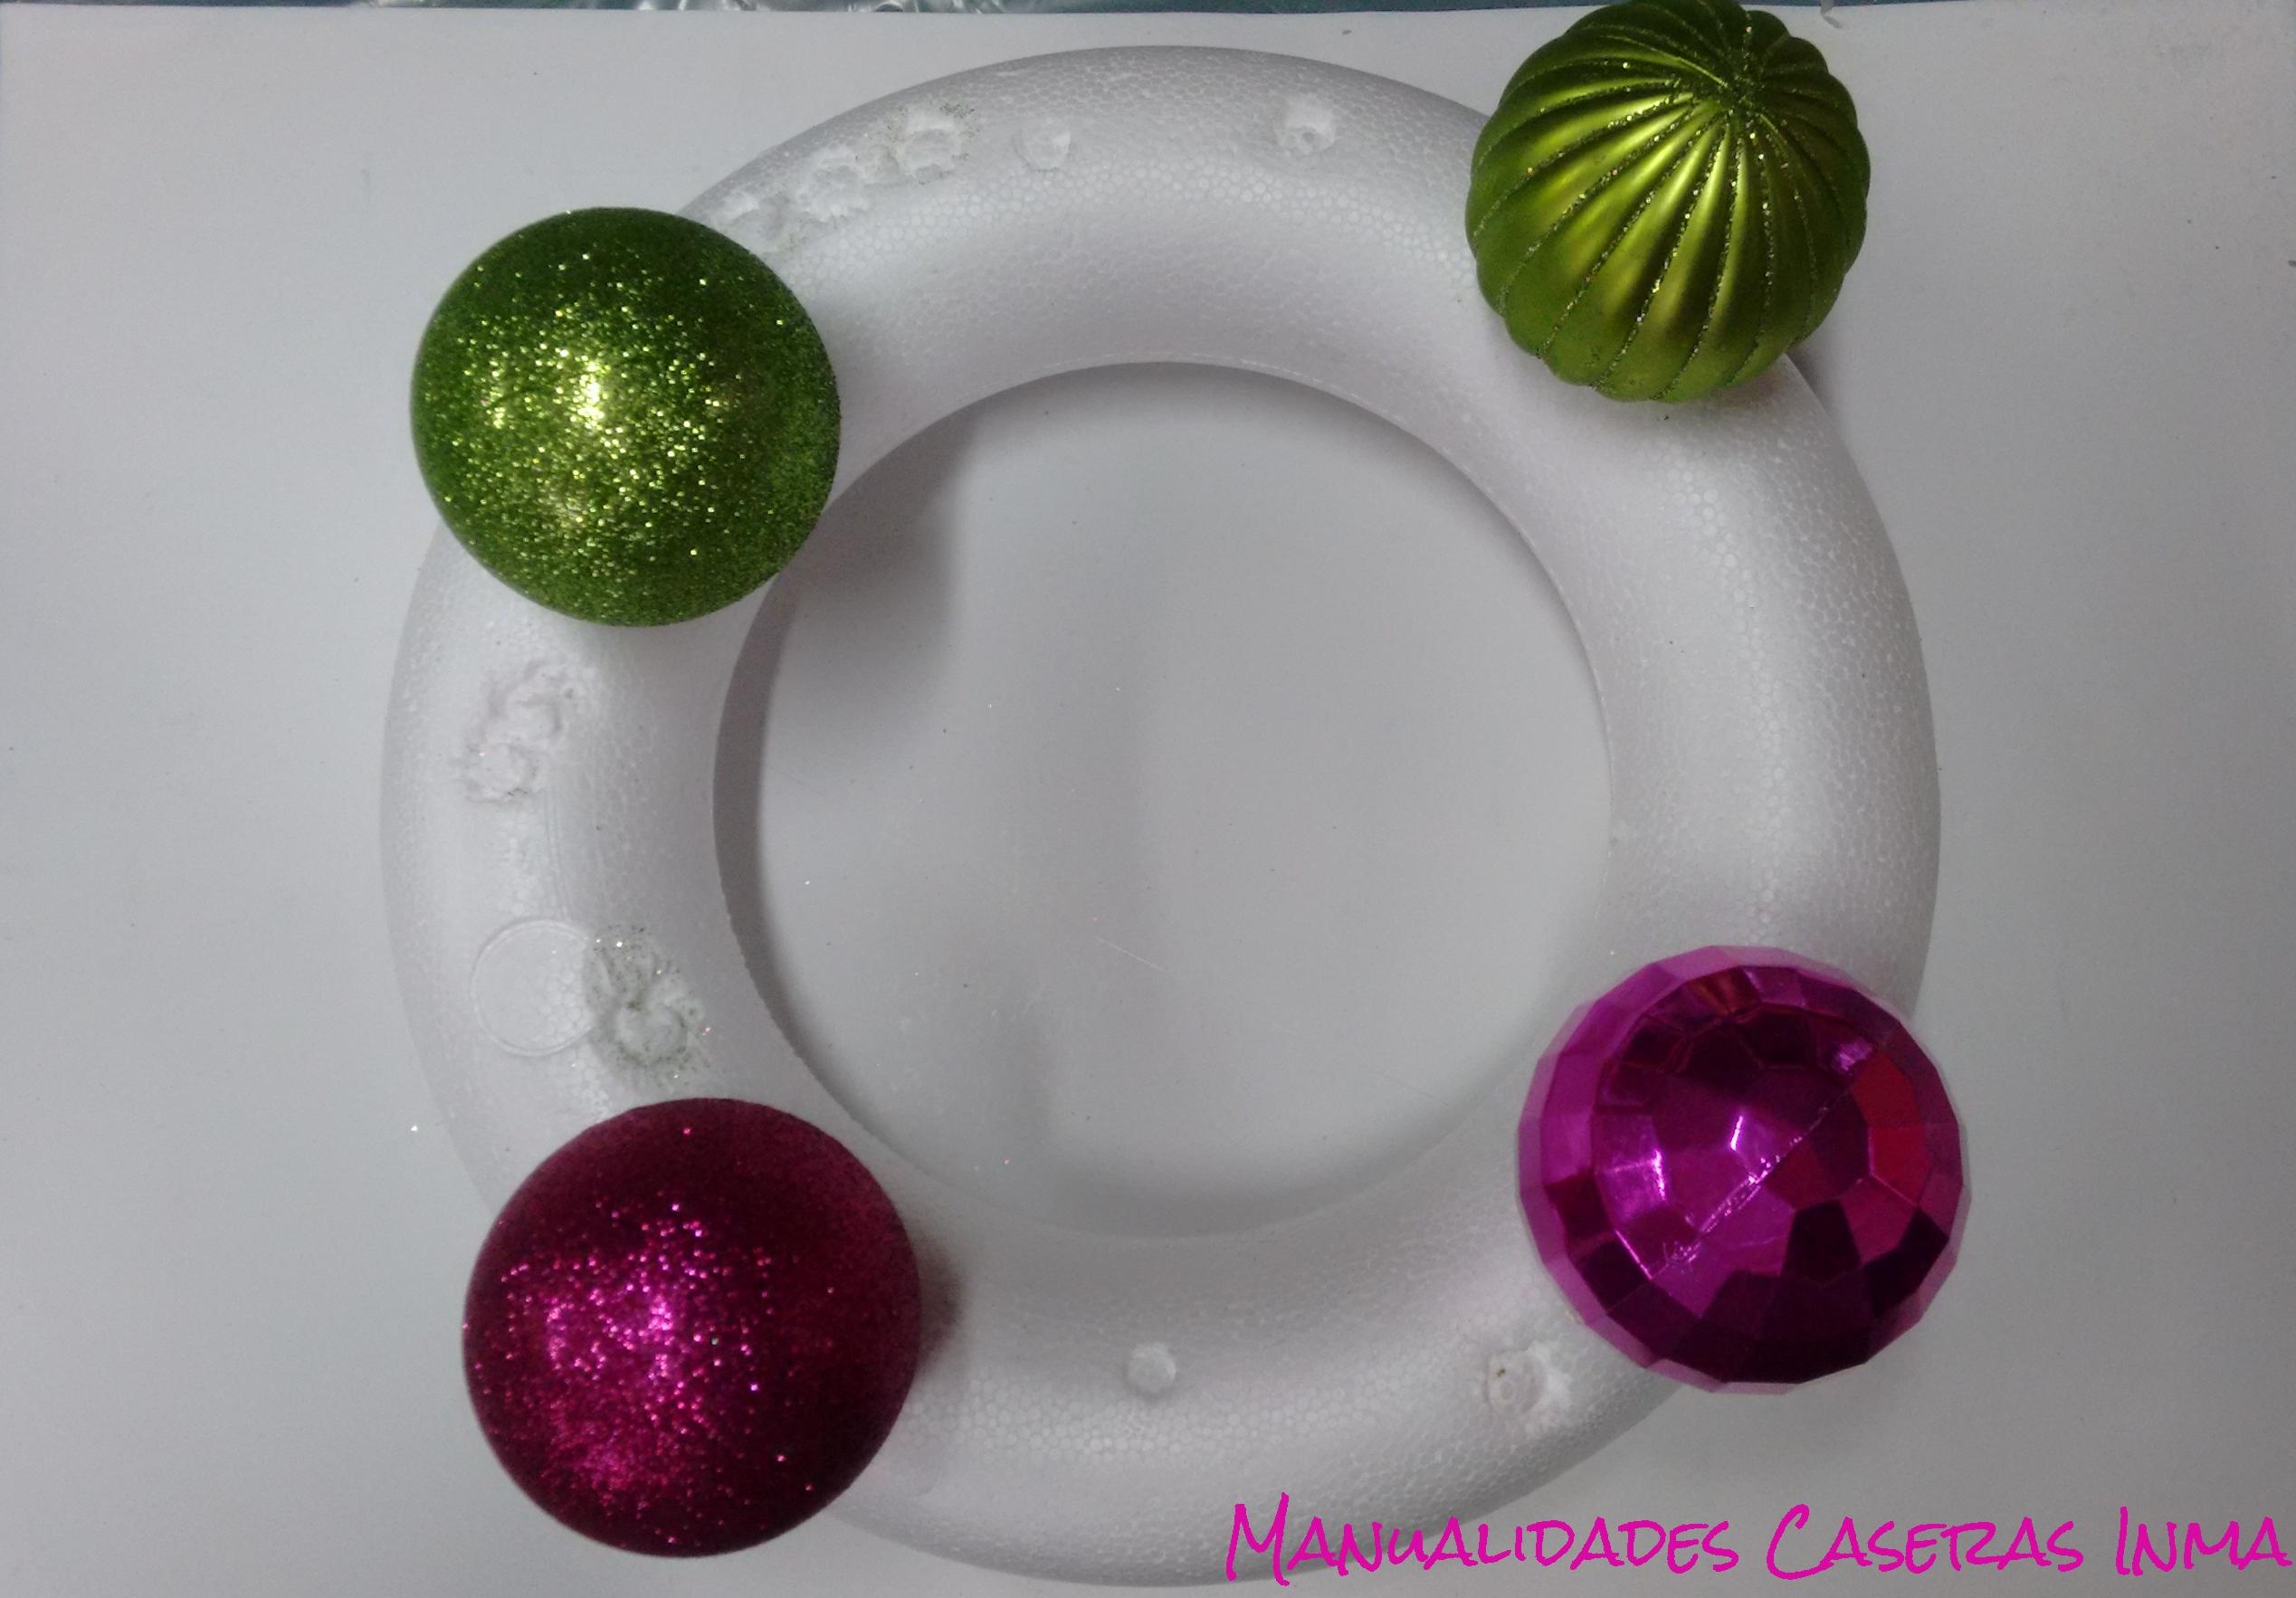 Manualidades Caseras Inma_Pasos a seguir para hacer una corona de bolas de navidad